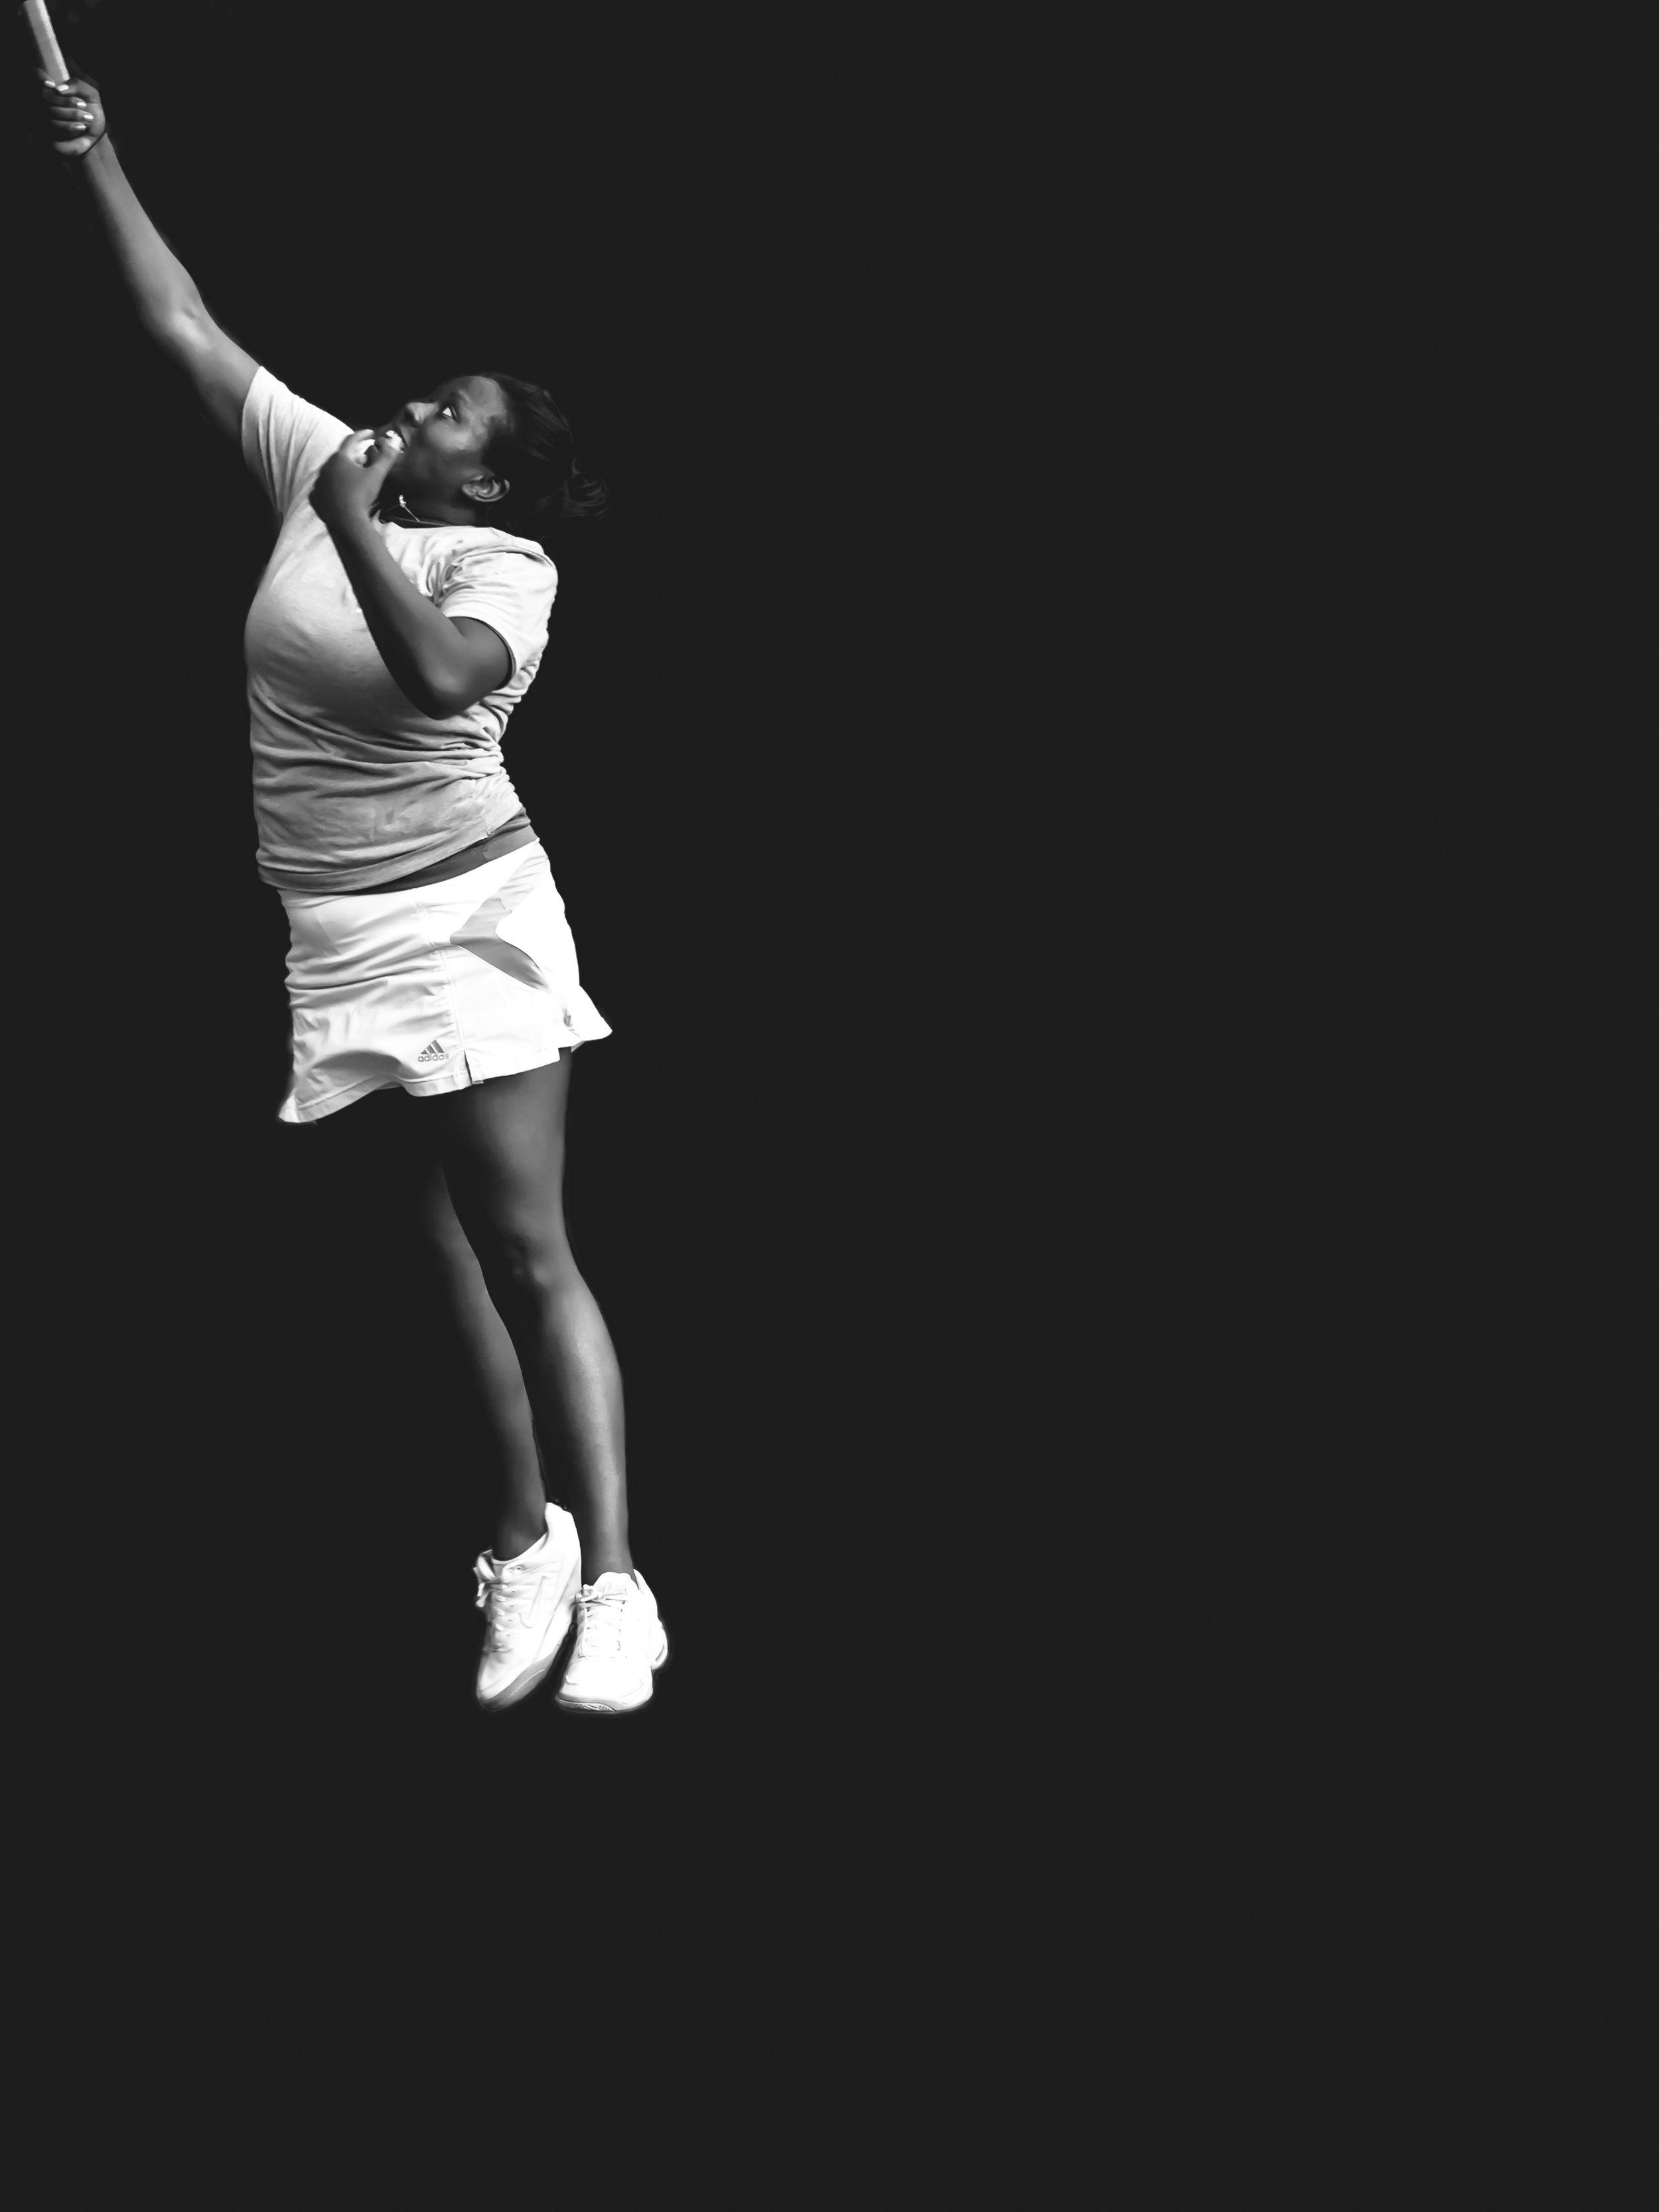 Tennis-8.jpg